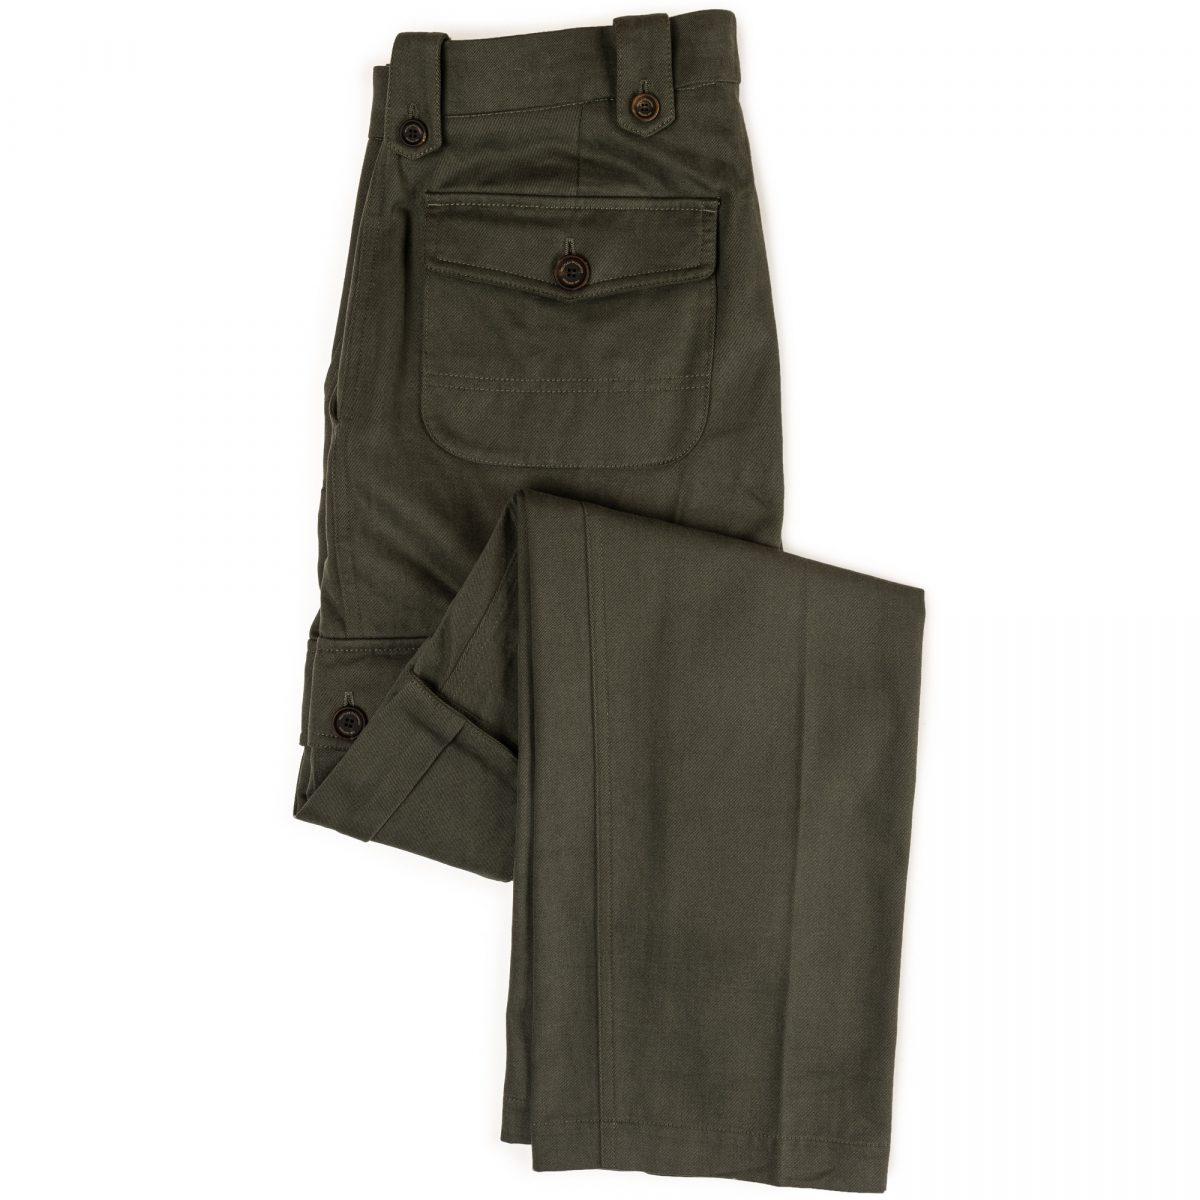 safari_trousers-1653-edit